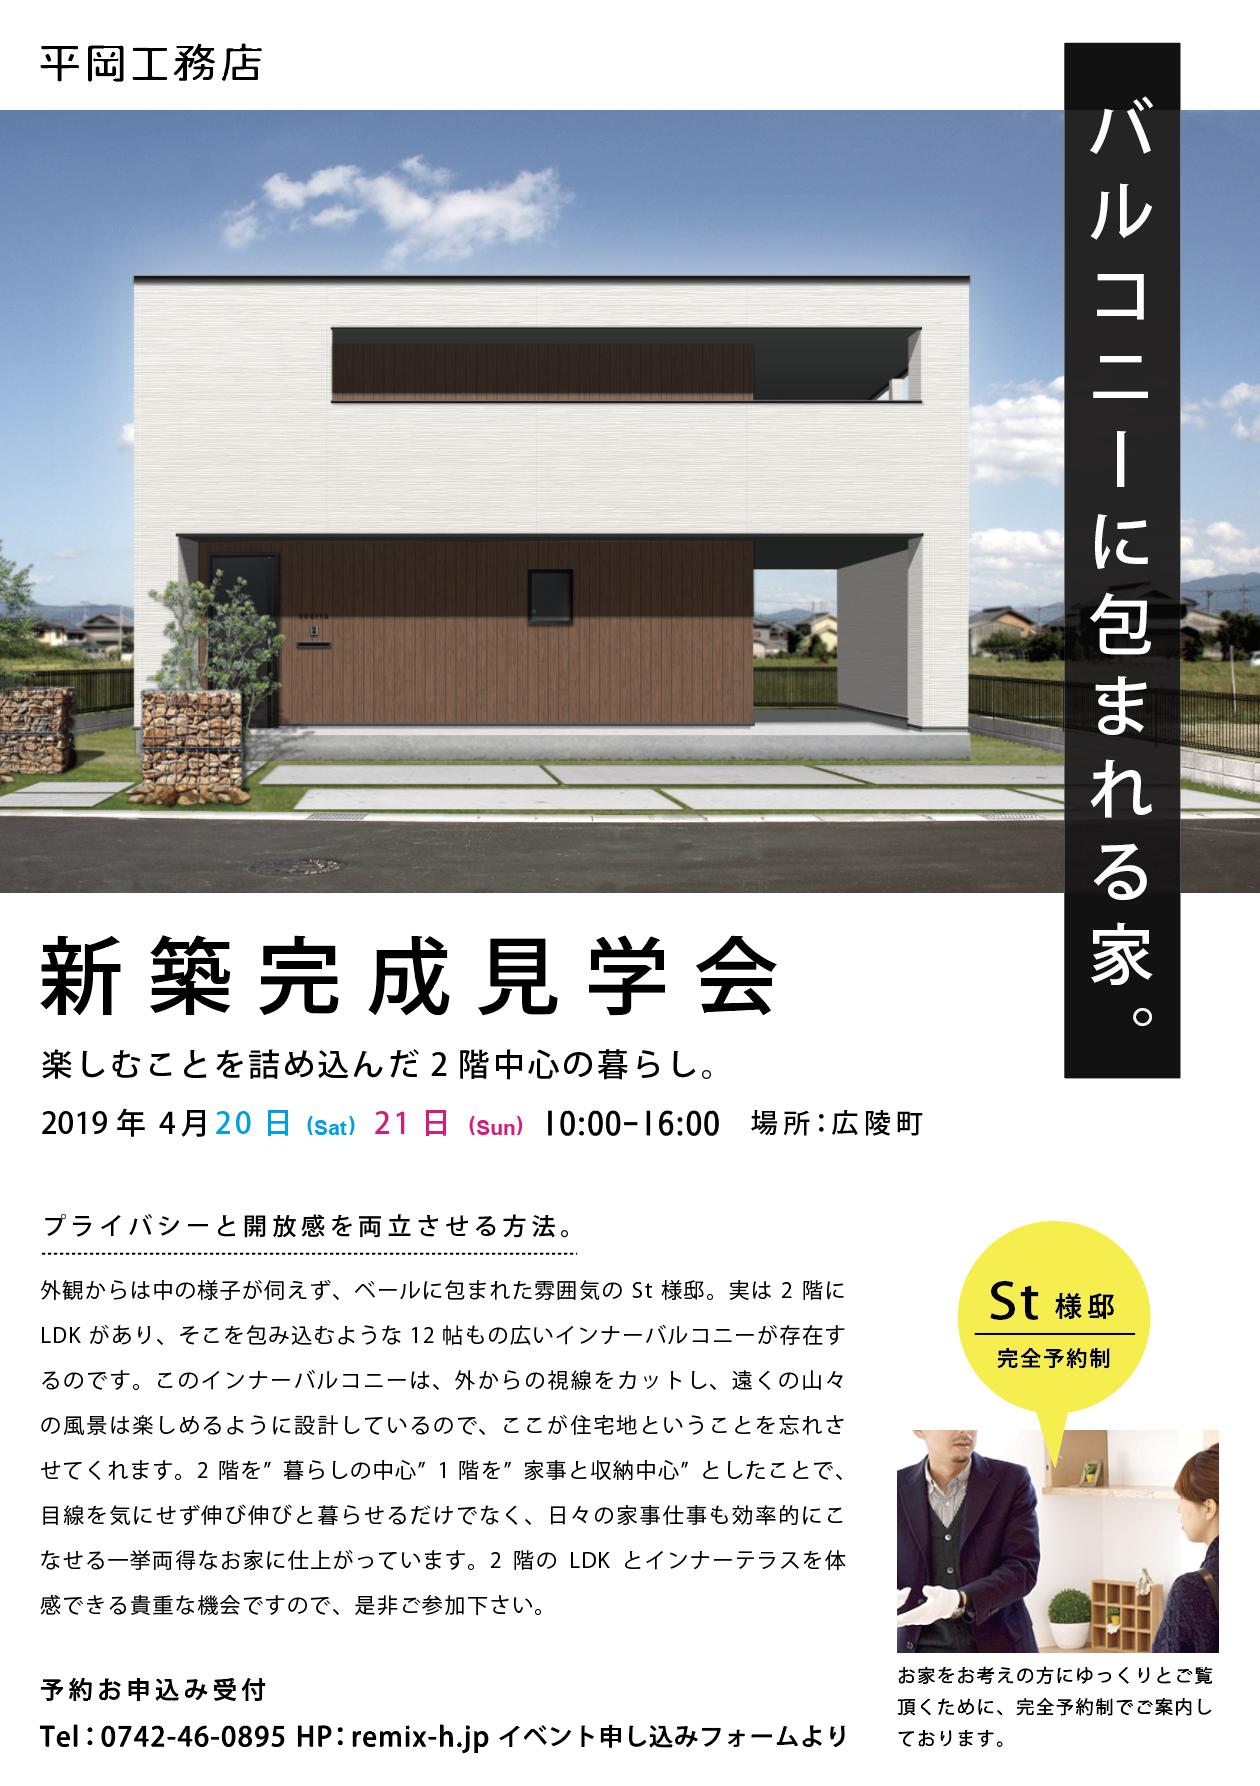 4月20日(土)21日(日)の2日間、新築完成見学会を開催いたします。